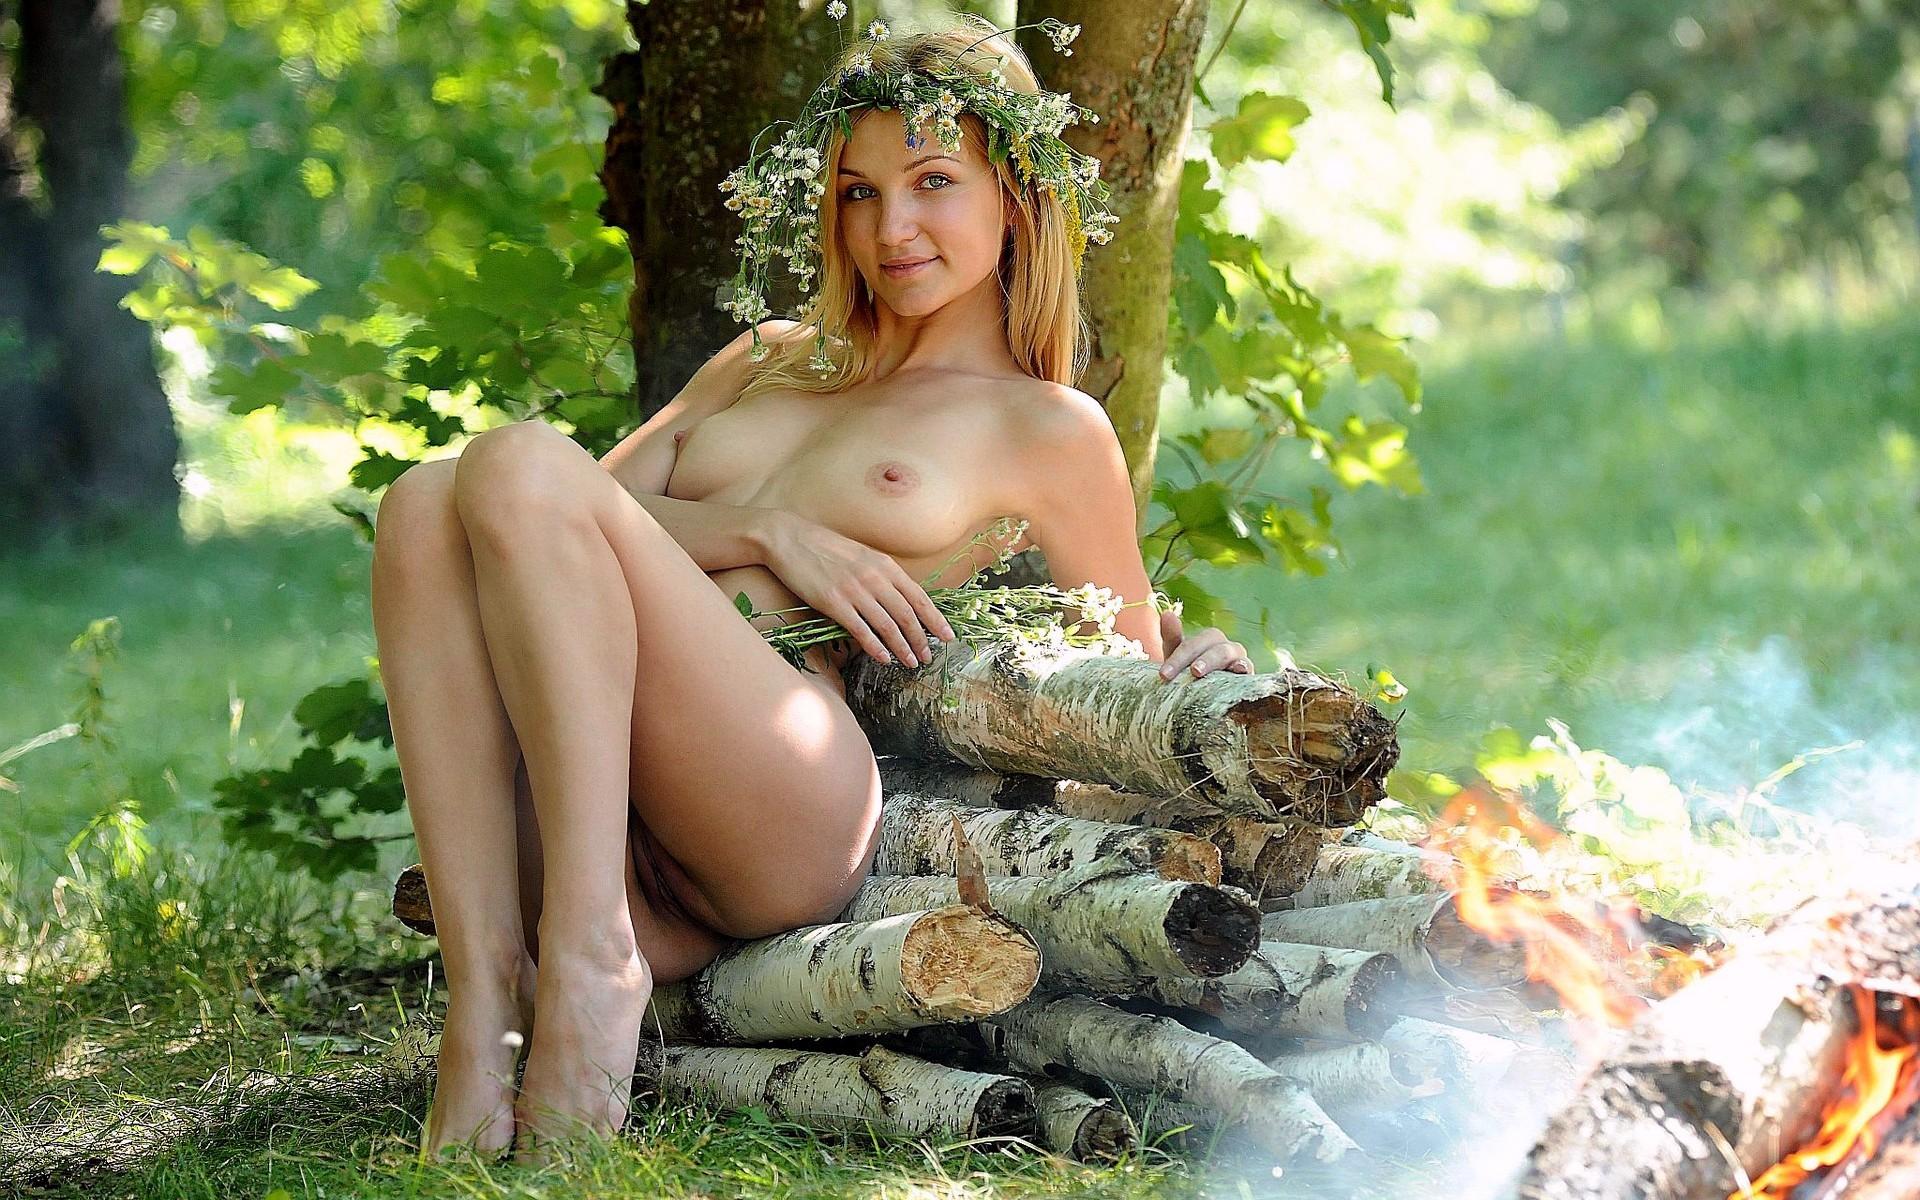 Фото саит голых знакомства девушками вернеуральского раиона челябинскои области